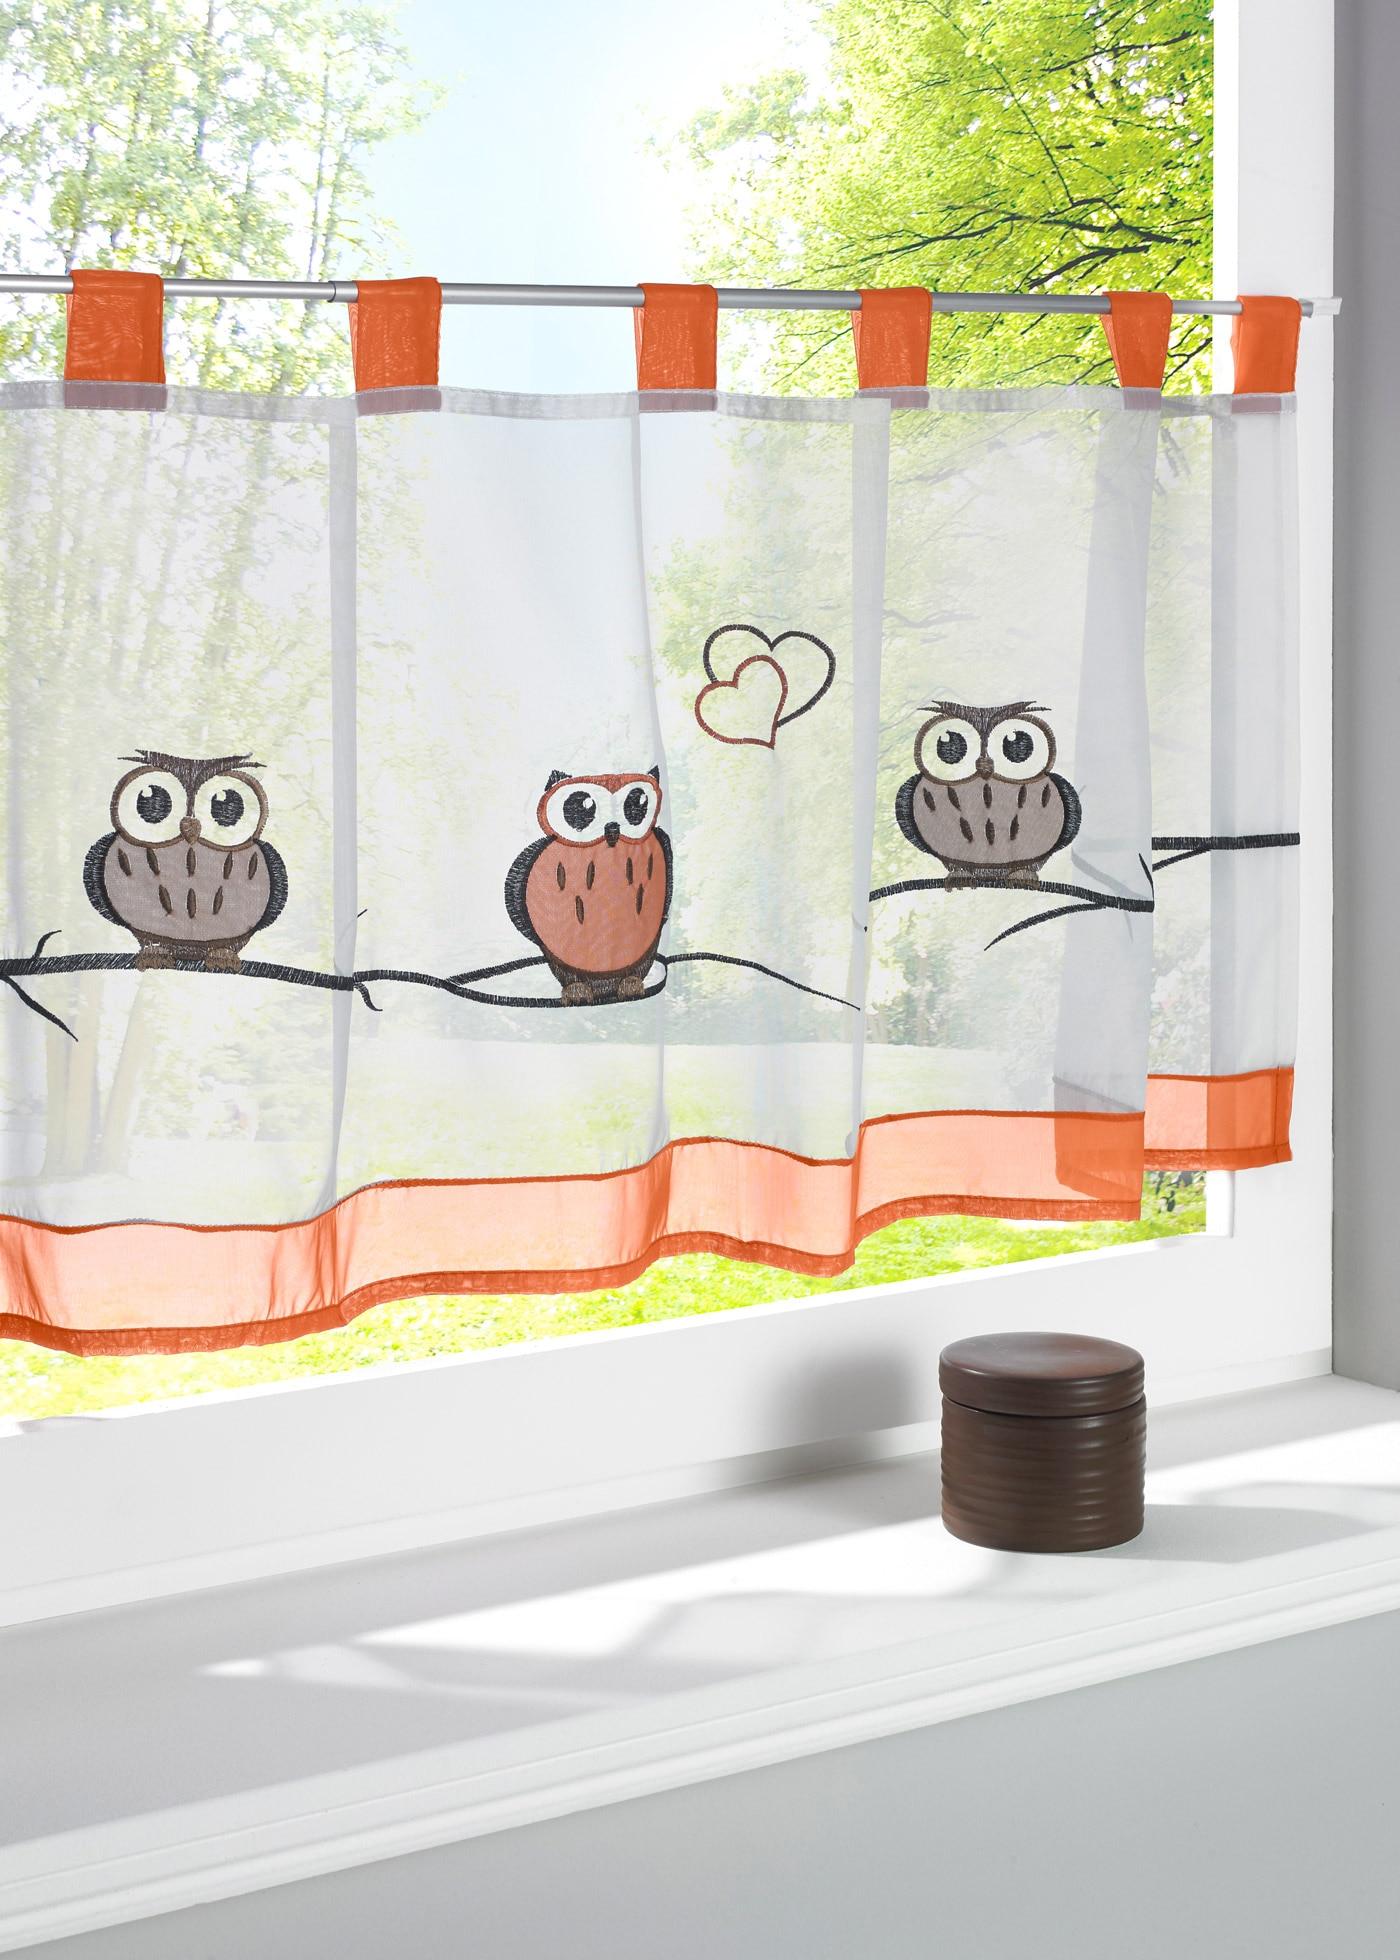 Tolle Kaffeeküche Vorhänge Fotos - Küche Set Ideen - deriherusweets.info